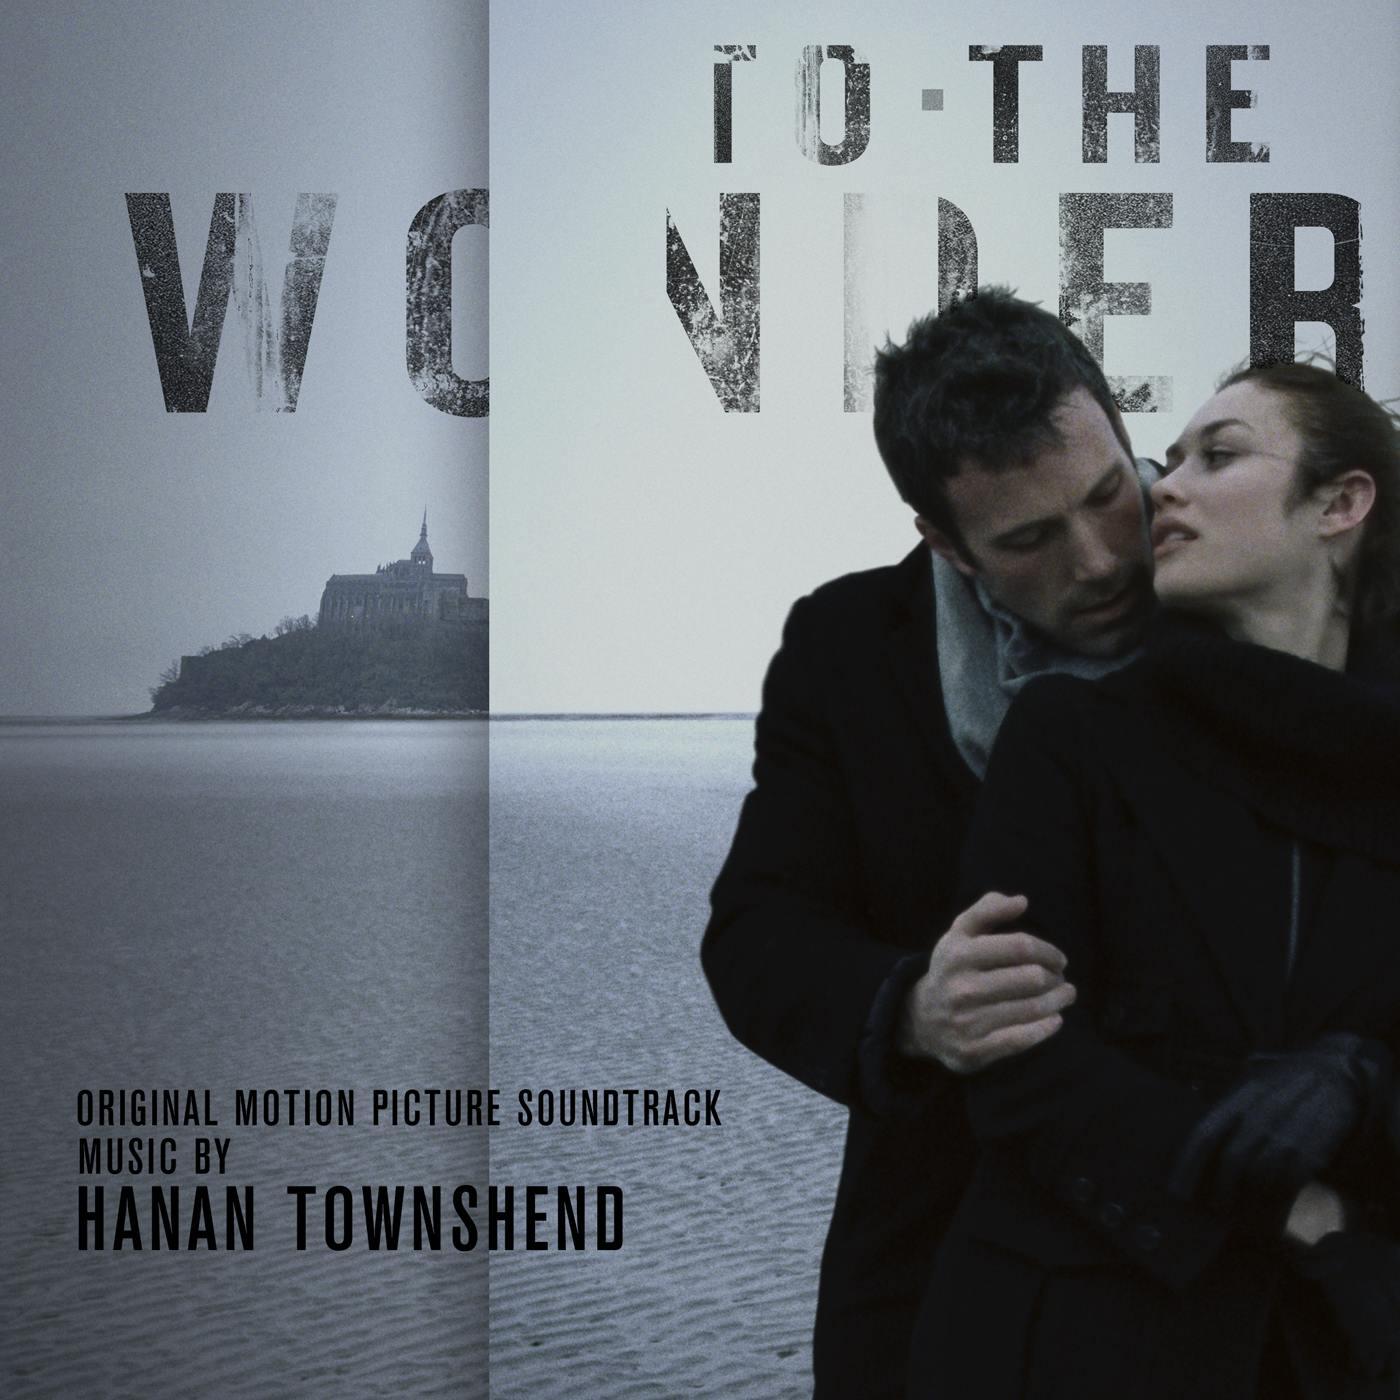 http://4.bp.blogspot.com/-RUz9XIAiqDY/UVBG0jxeEyI/AAAAAAAAADg/nhwRISm6_88/s1600/to-the-wonder-movie-soundtrack.jpg